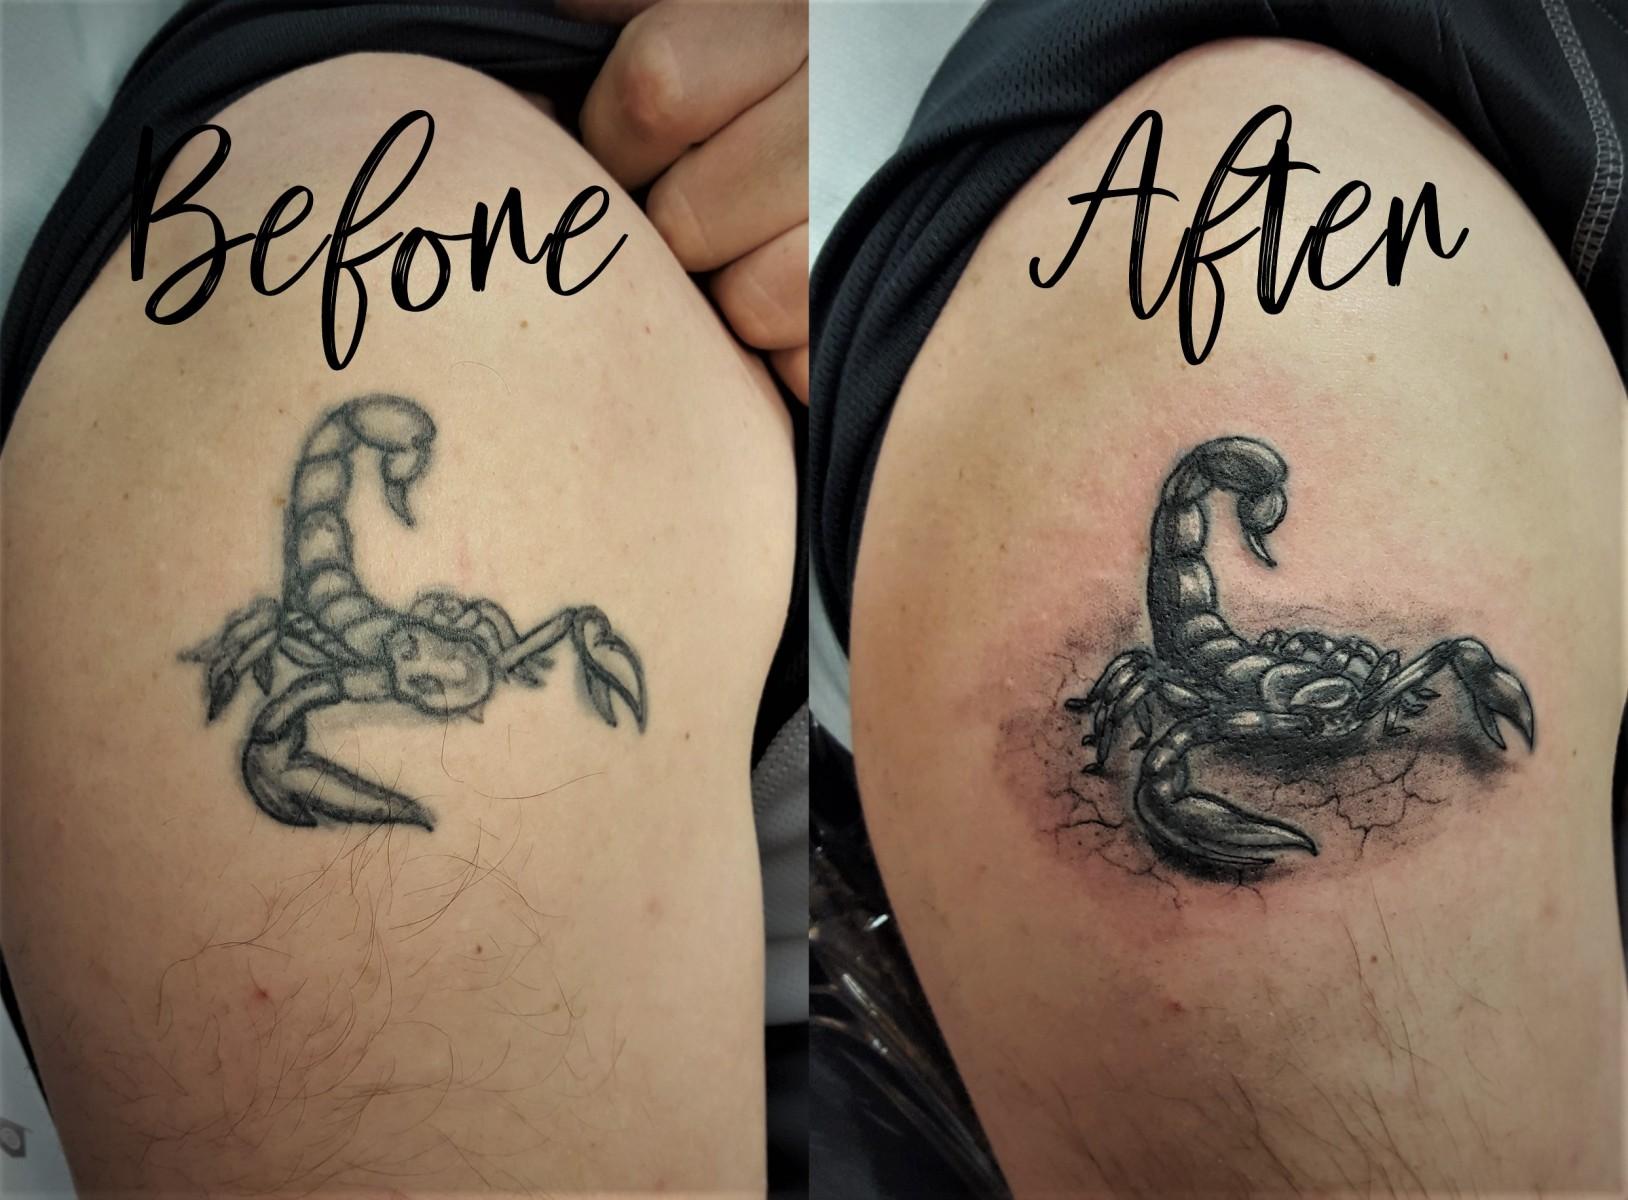 Pimp my scorpion - vorher (nicht von mir) und nachher